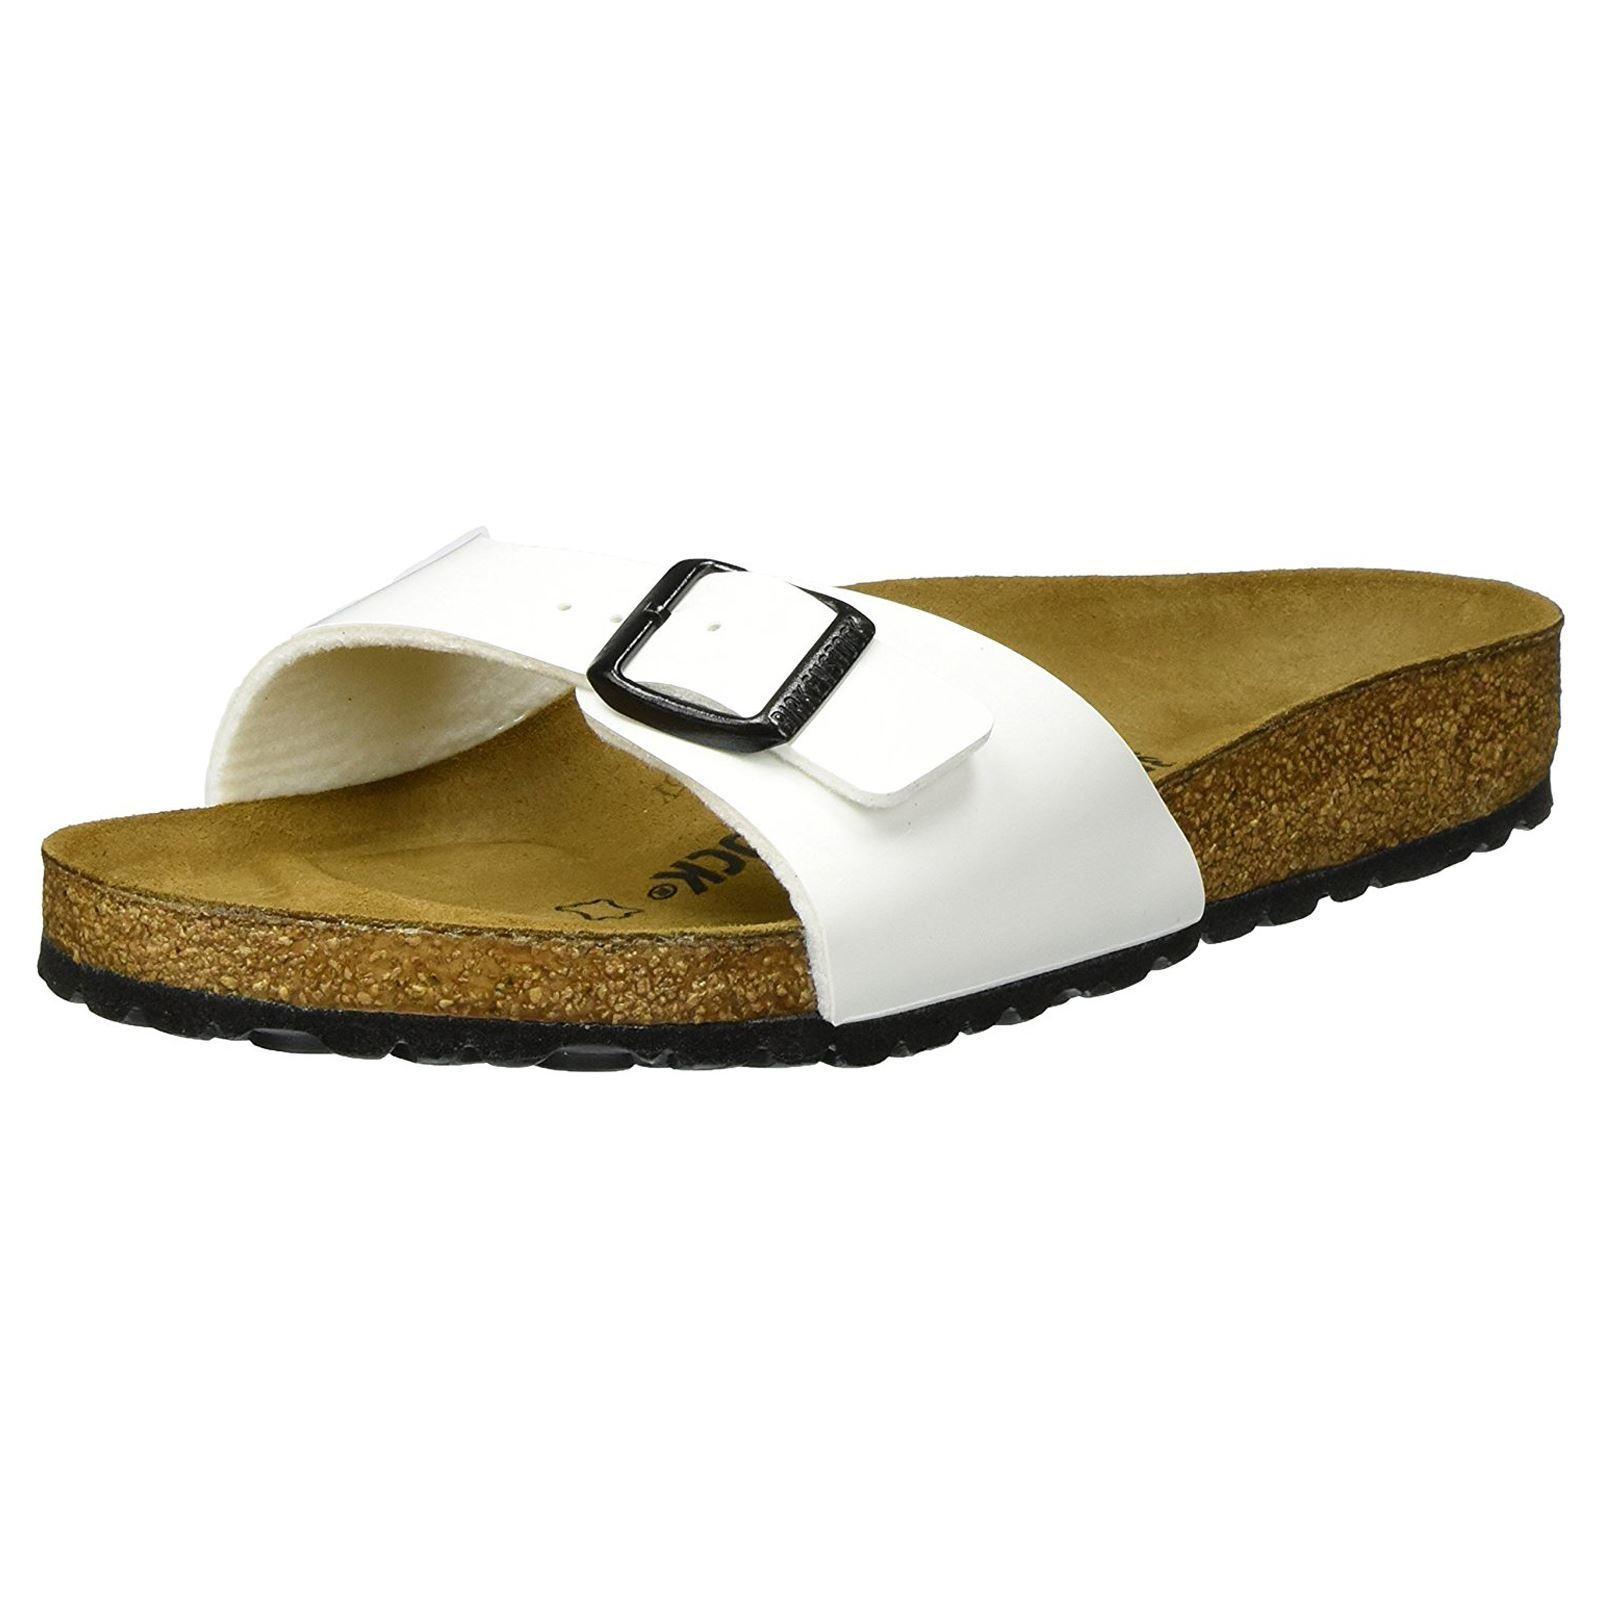 Último gran descuento Birkenstock Madrid White Womens Birko-Flor Slip-on Casual Summer Slide Sandals